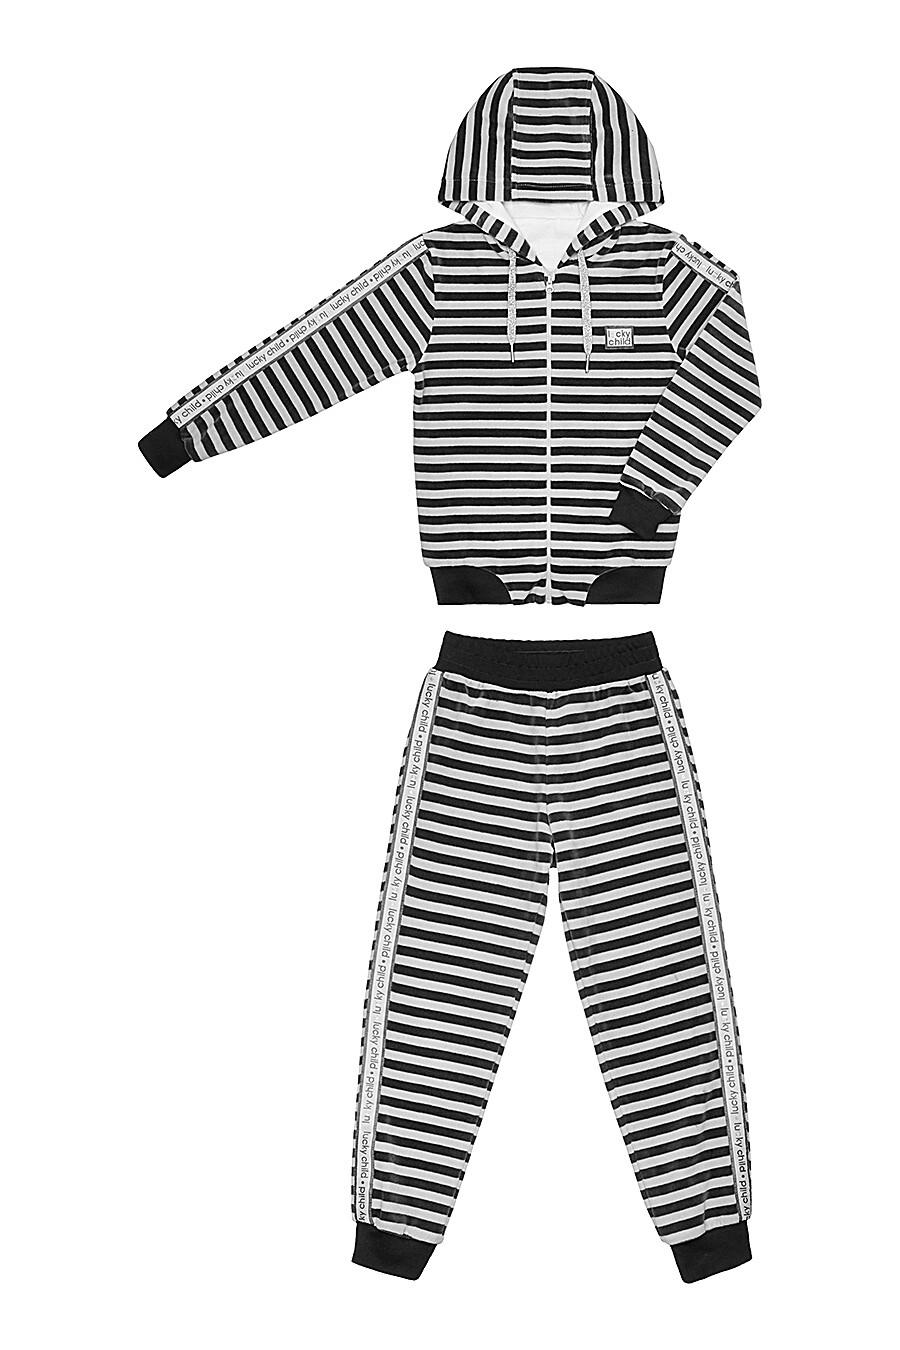 Костюм (Брюки+Толстовка) LUCKY CHILD (184749), купить в Moyo.moda